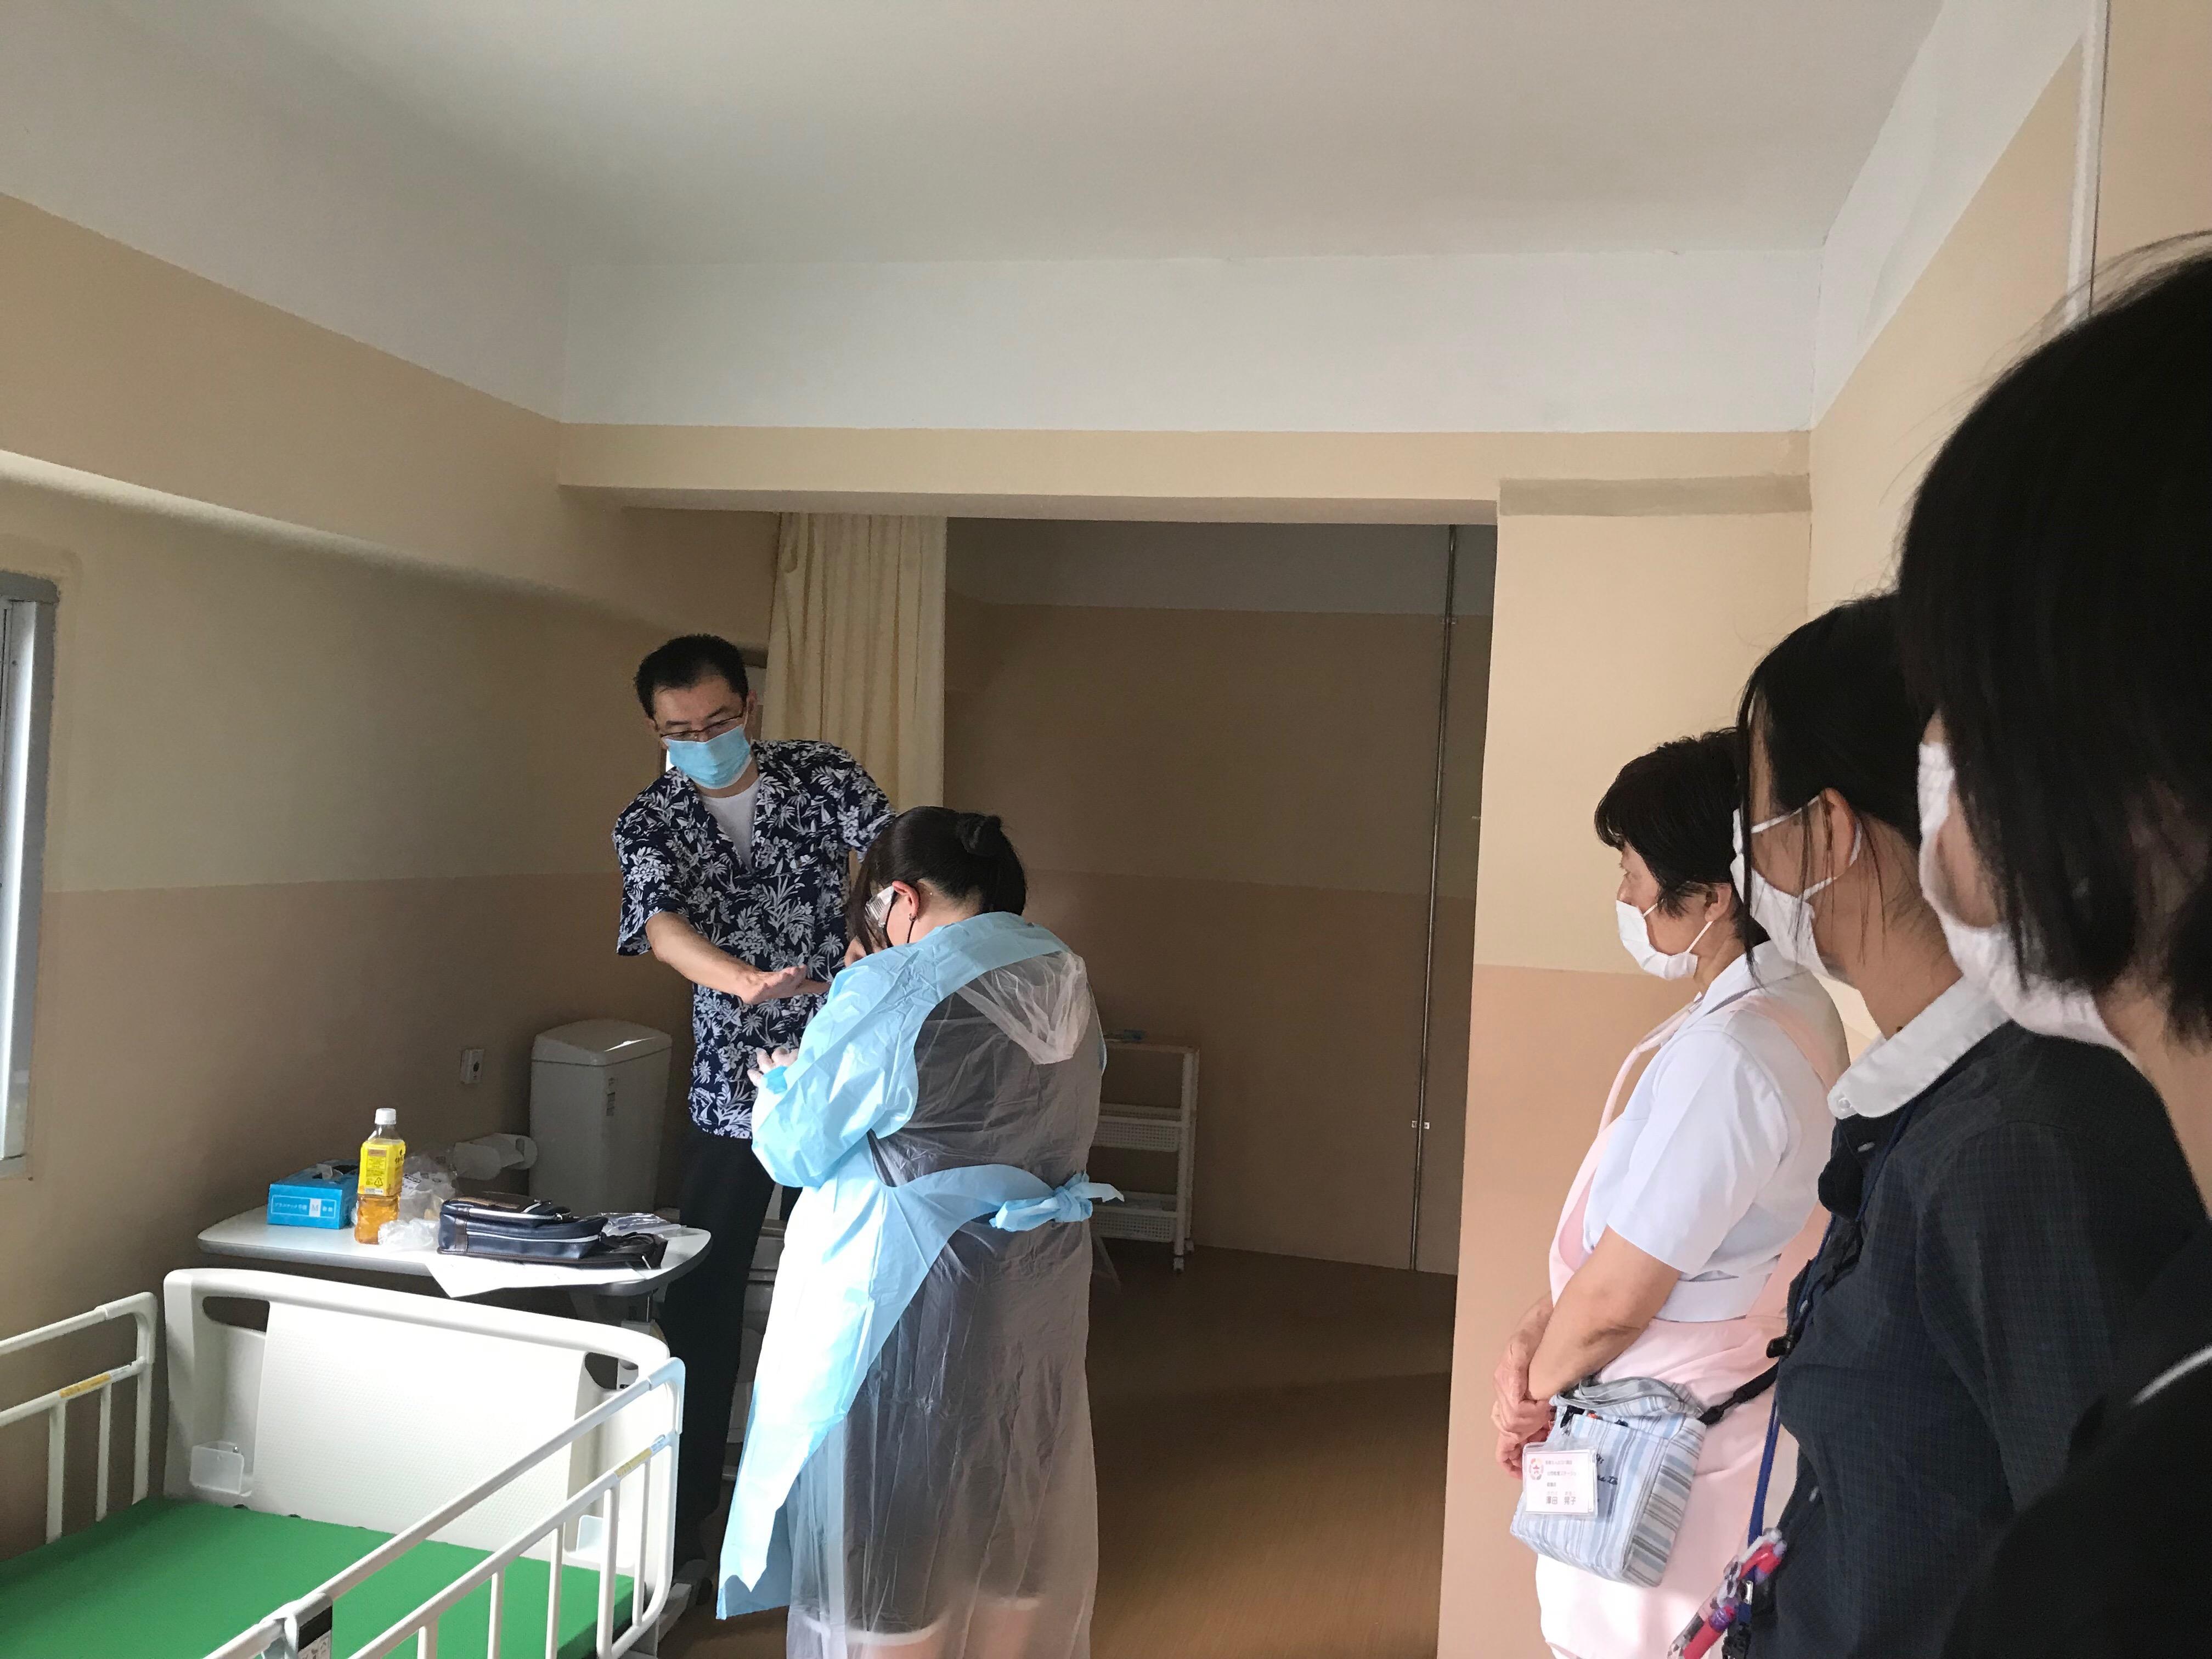 第2回 感染症対策チーム勉強会を行いました。